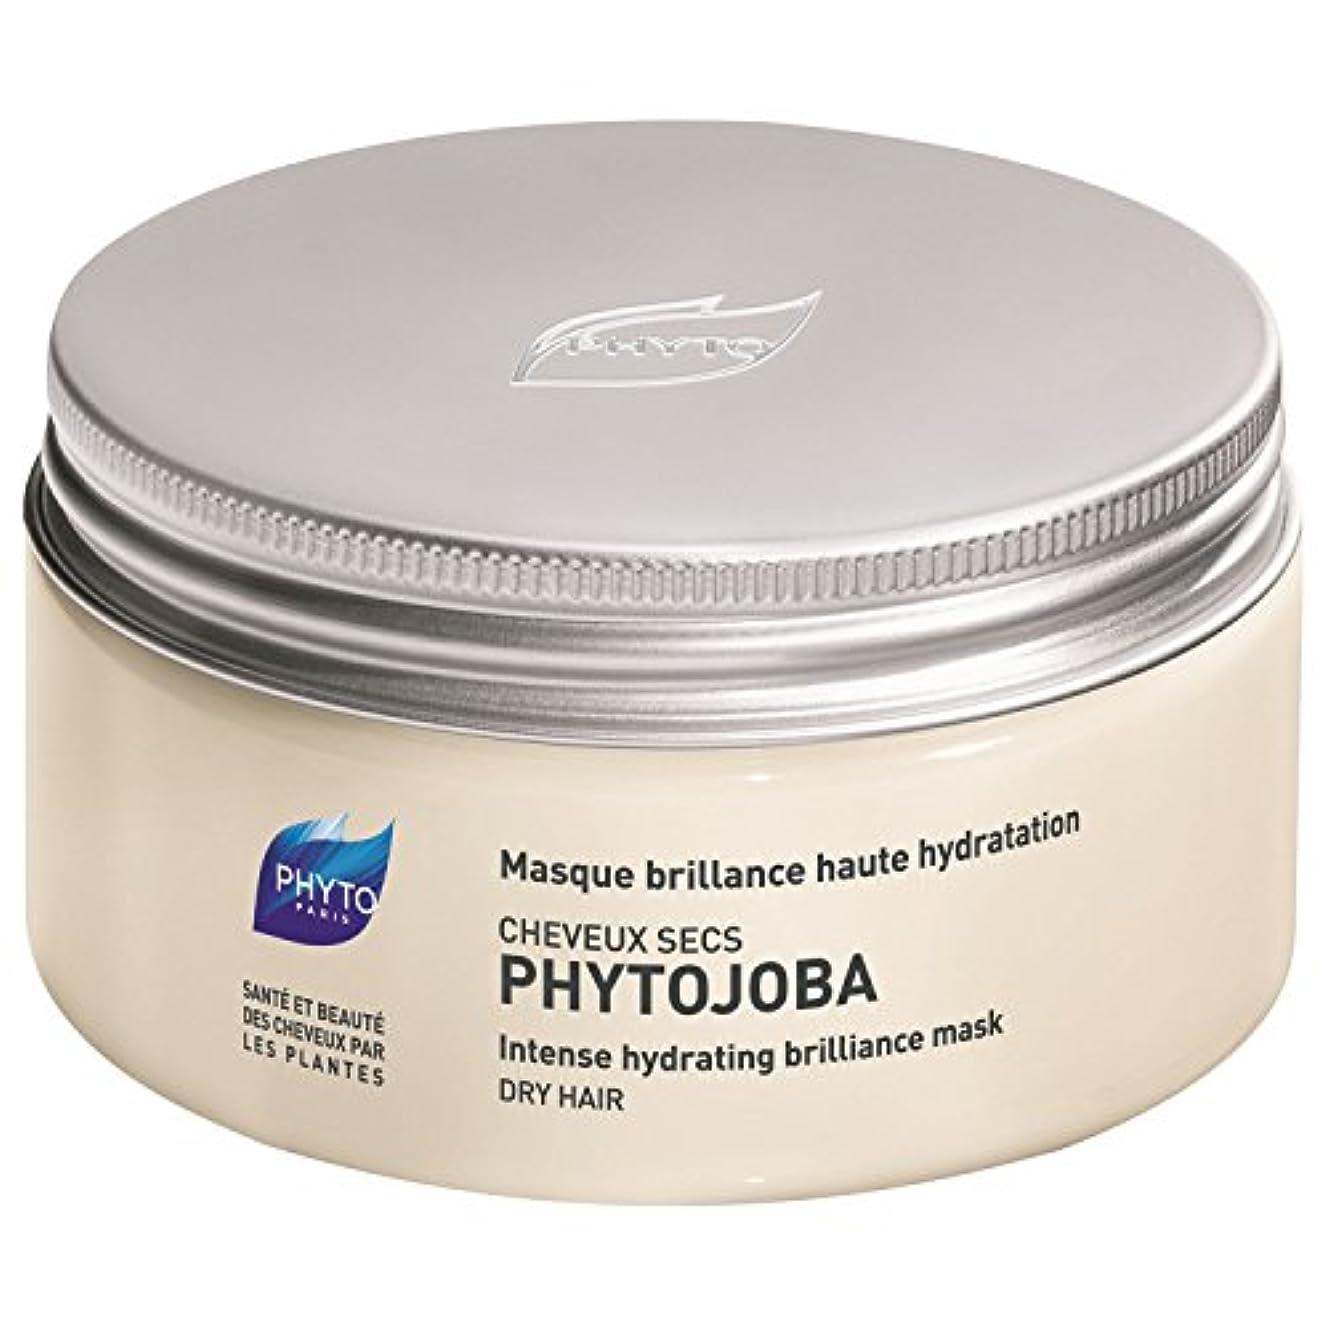 肉屋結核試してみるフィトPhytojoba強烈な水分補給マスク200ミリリットル (Phyto) (x6) - Phyto Phytojoba Intense Hydrating Mask 200ml (Pack of 6) [並行輸入品]